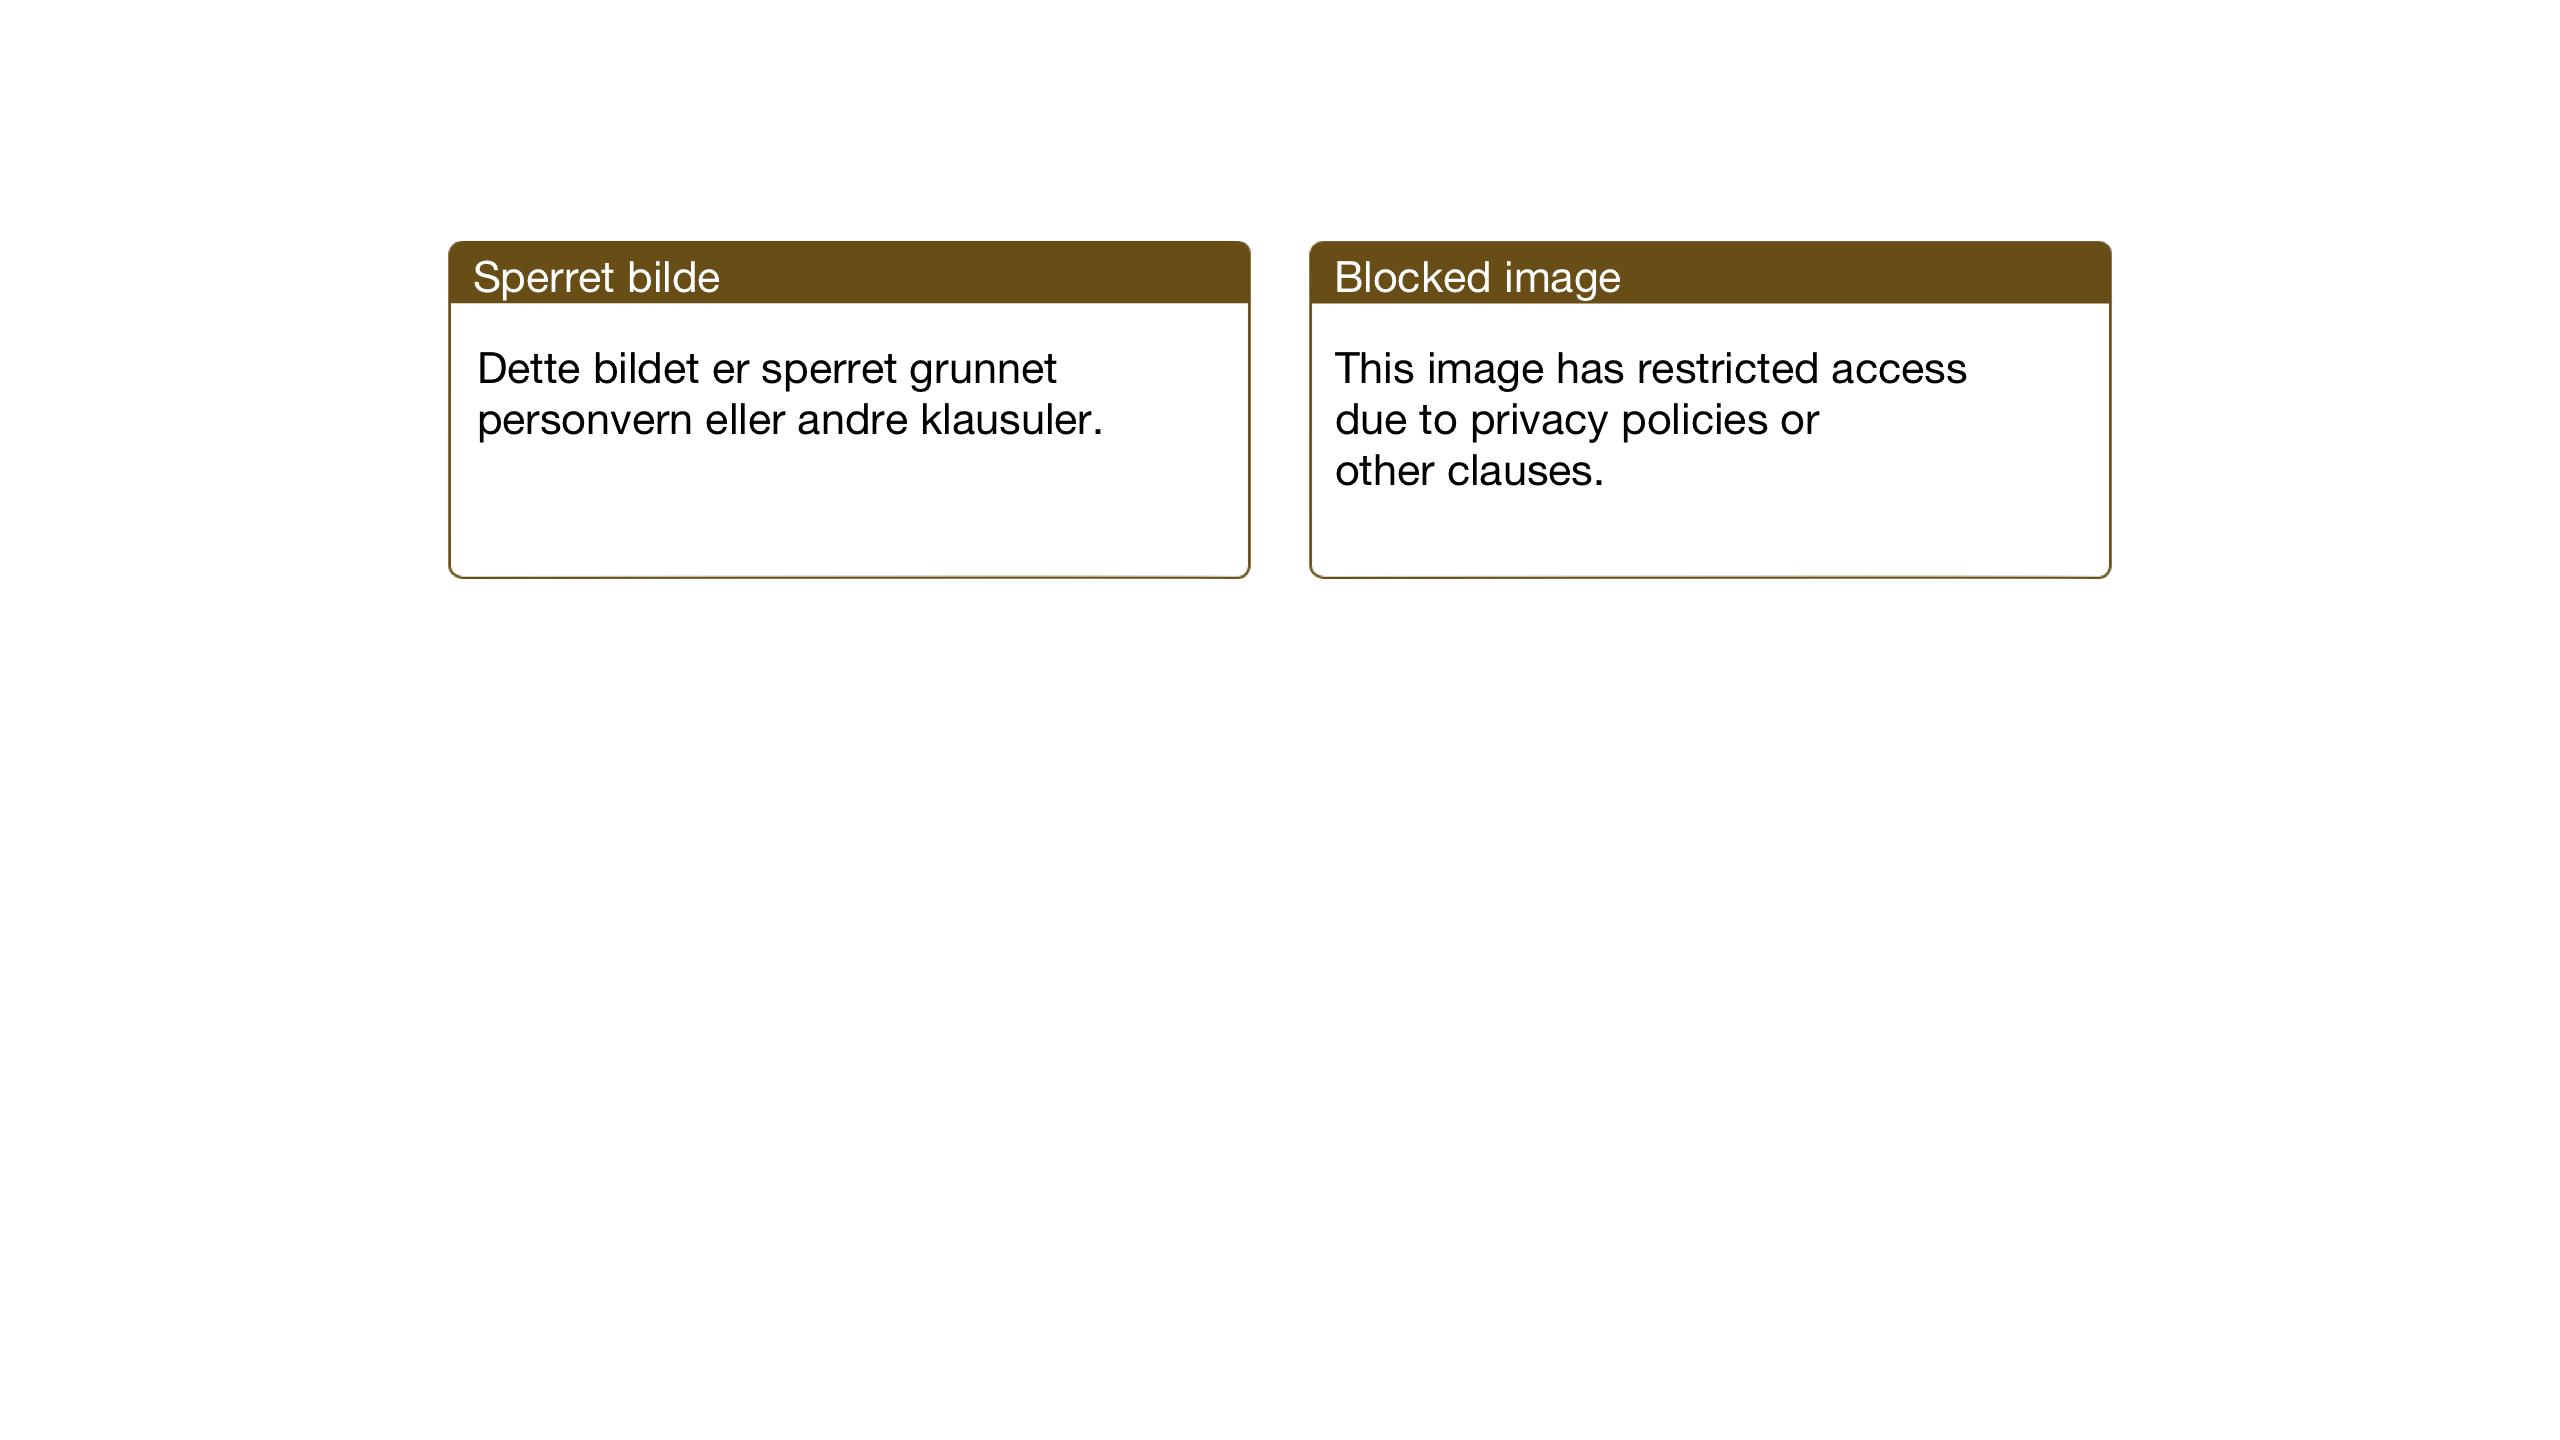 SAT, Ministerialprotokoller, klokkerbøker og fødselsregistre - Sør-Trøndelag, 655/L0689: Klokkerbok nr. 655C05, 1922-1936, s. 43